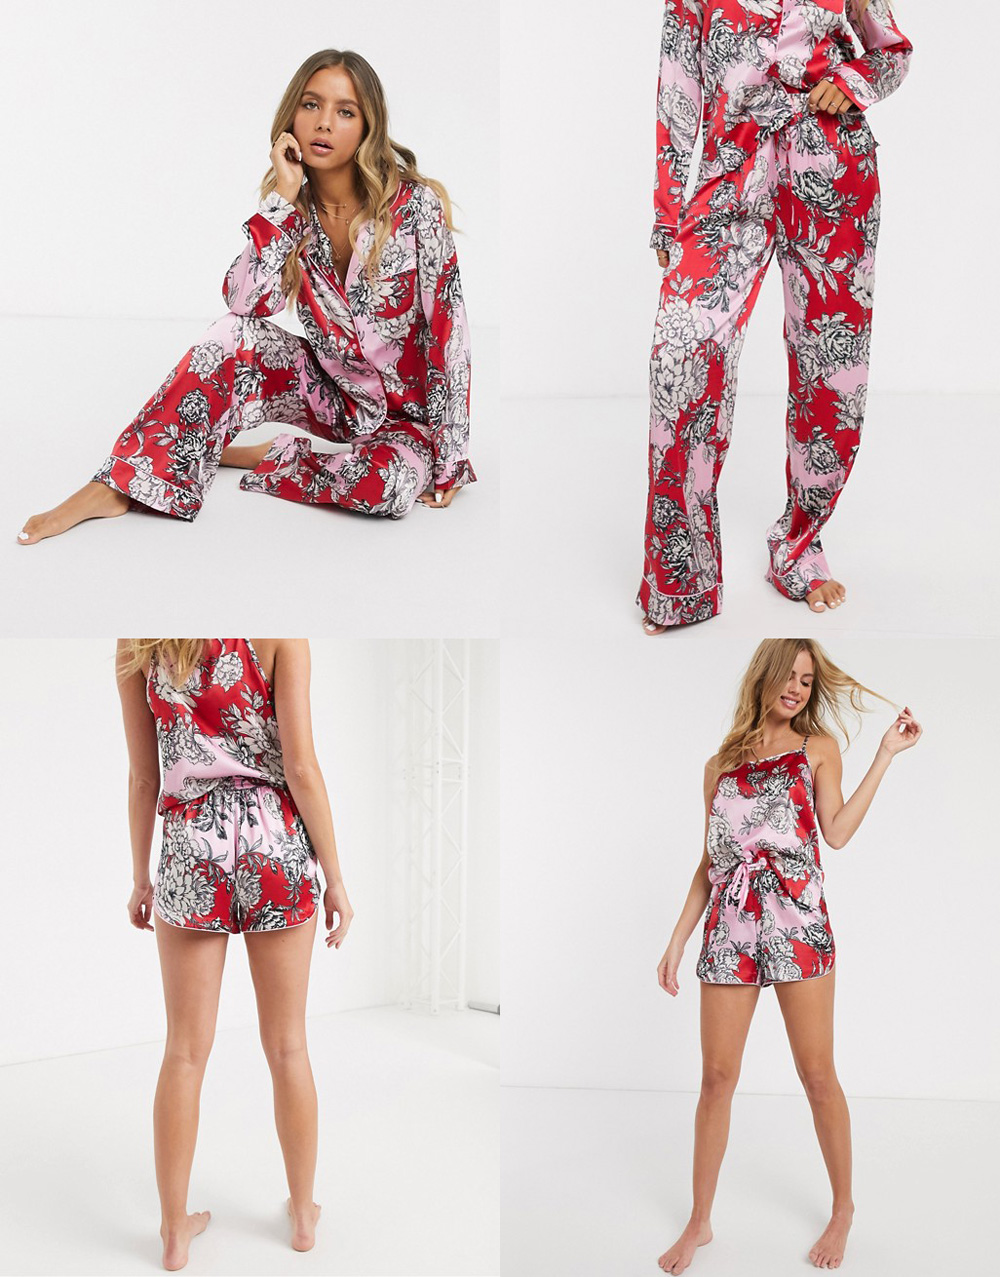 jak nosić piżamę w stylu fashion na co dzień? Gdzie kupić fashion piżamkę? Stylizacje gwiazd, inspiracje street style